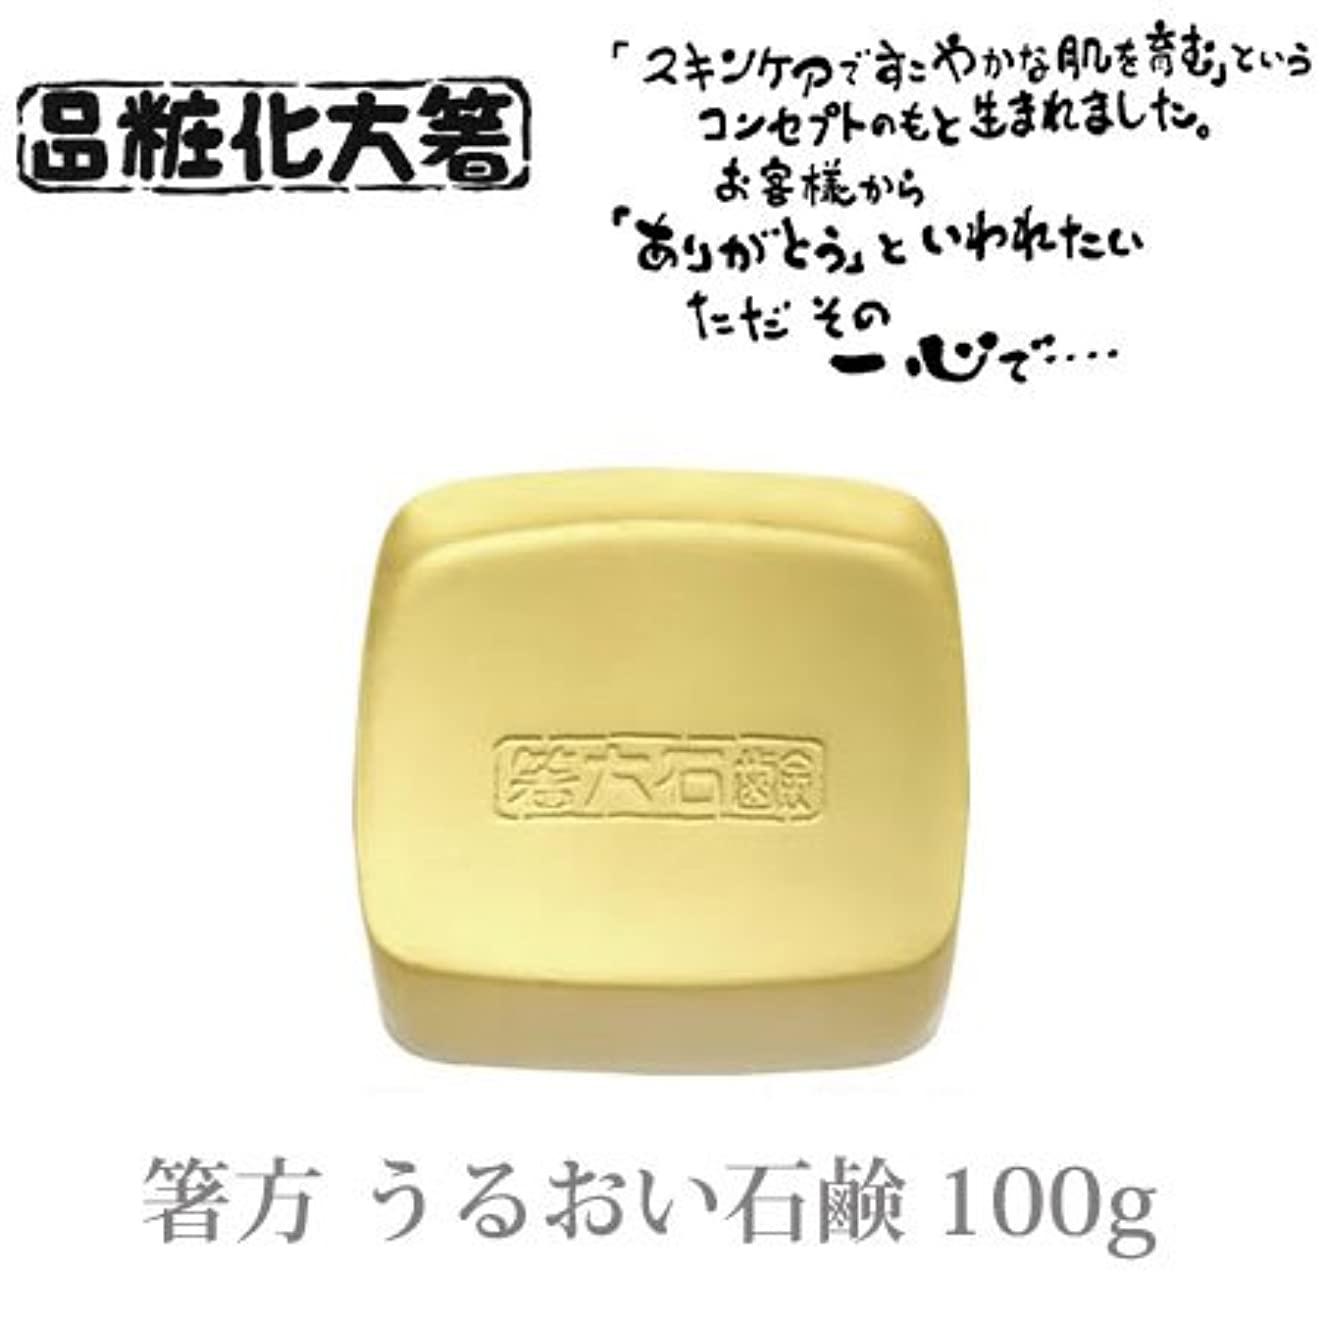 閉じ込める円形のドナー箸方化粧品 うるおい石鹸 100g はしかた化粧品